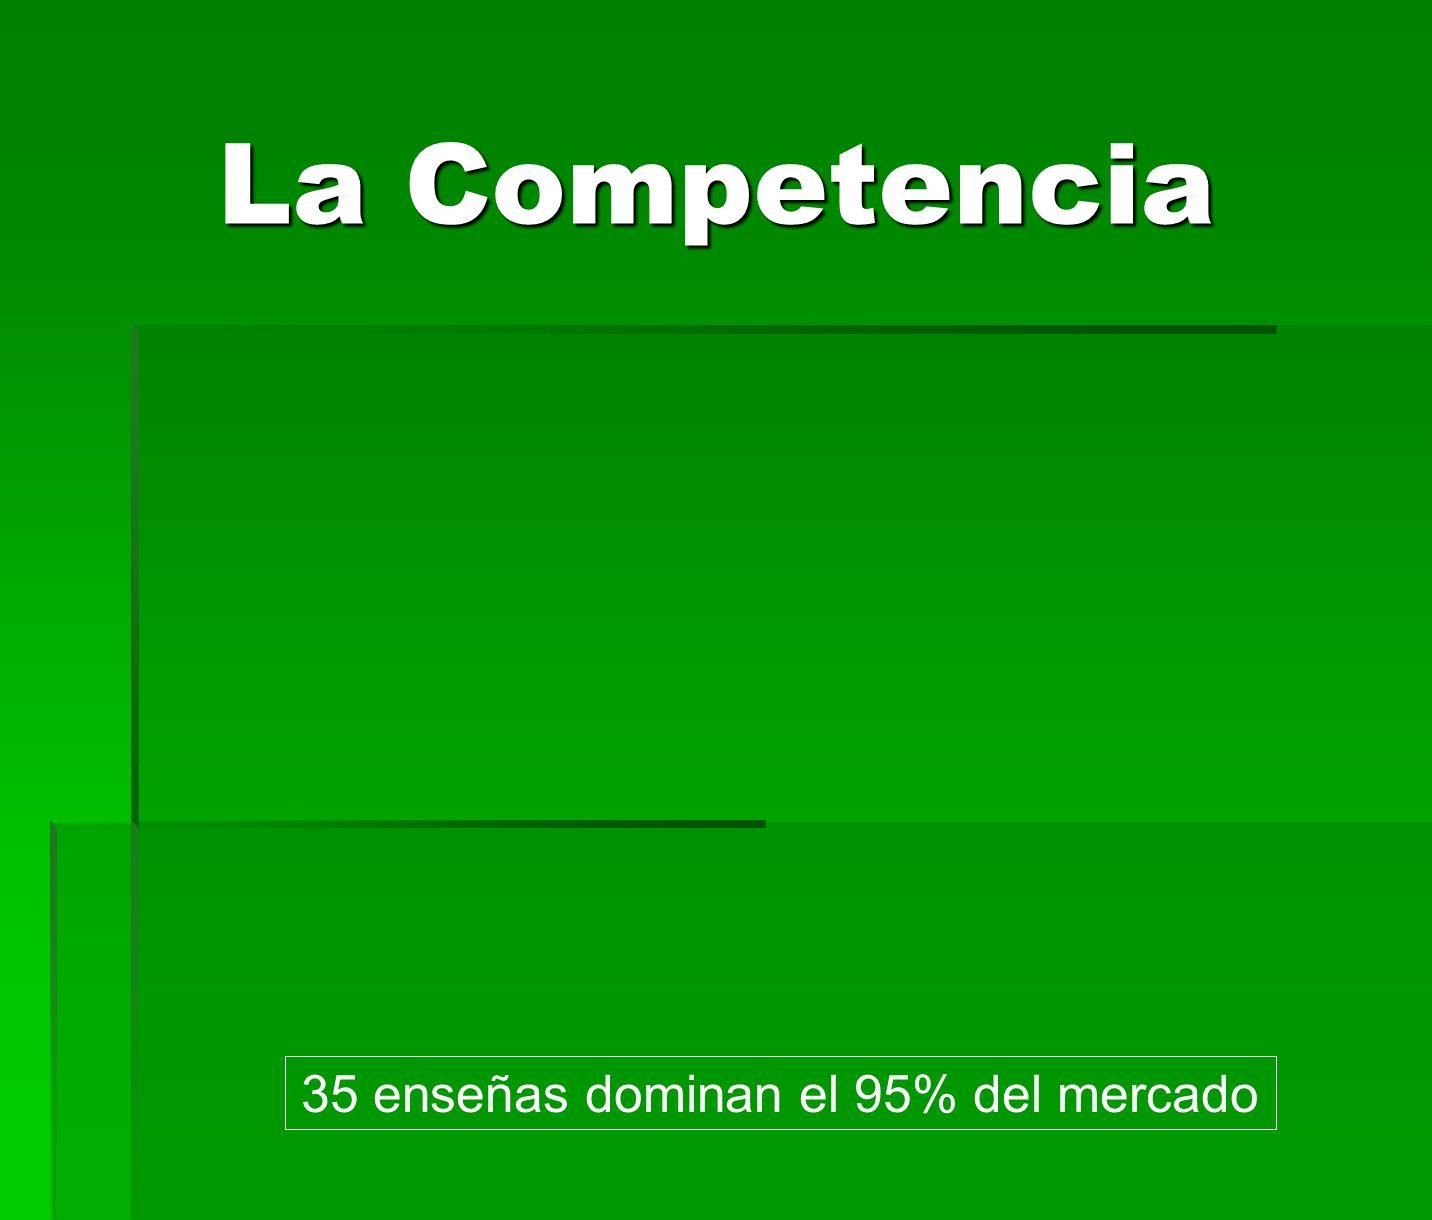 35 enseñas dominan el 95% del mercado